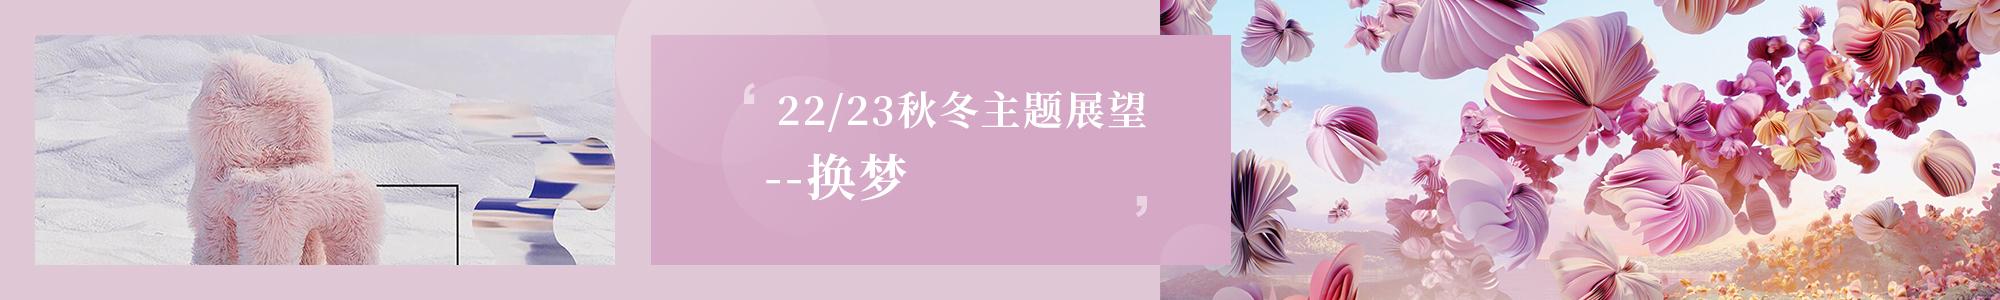 22/23秋冬主题展望--换梦